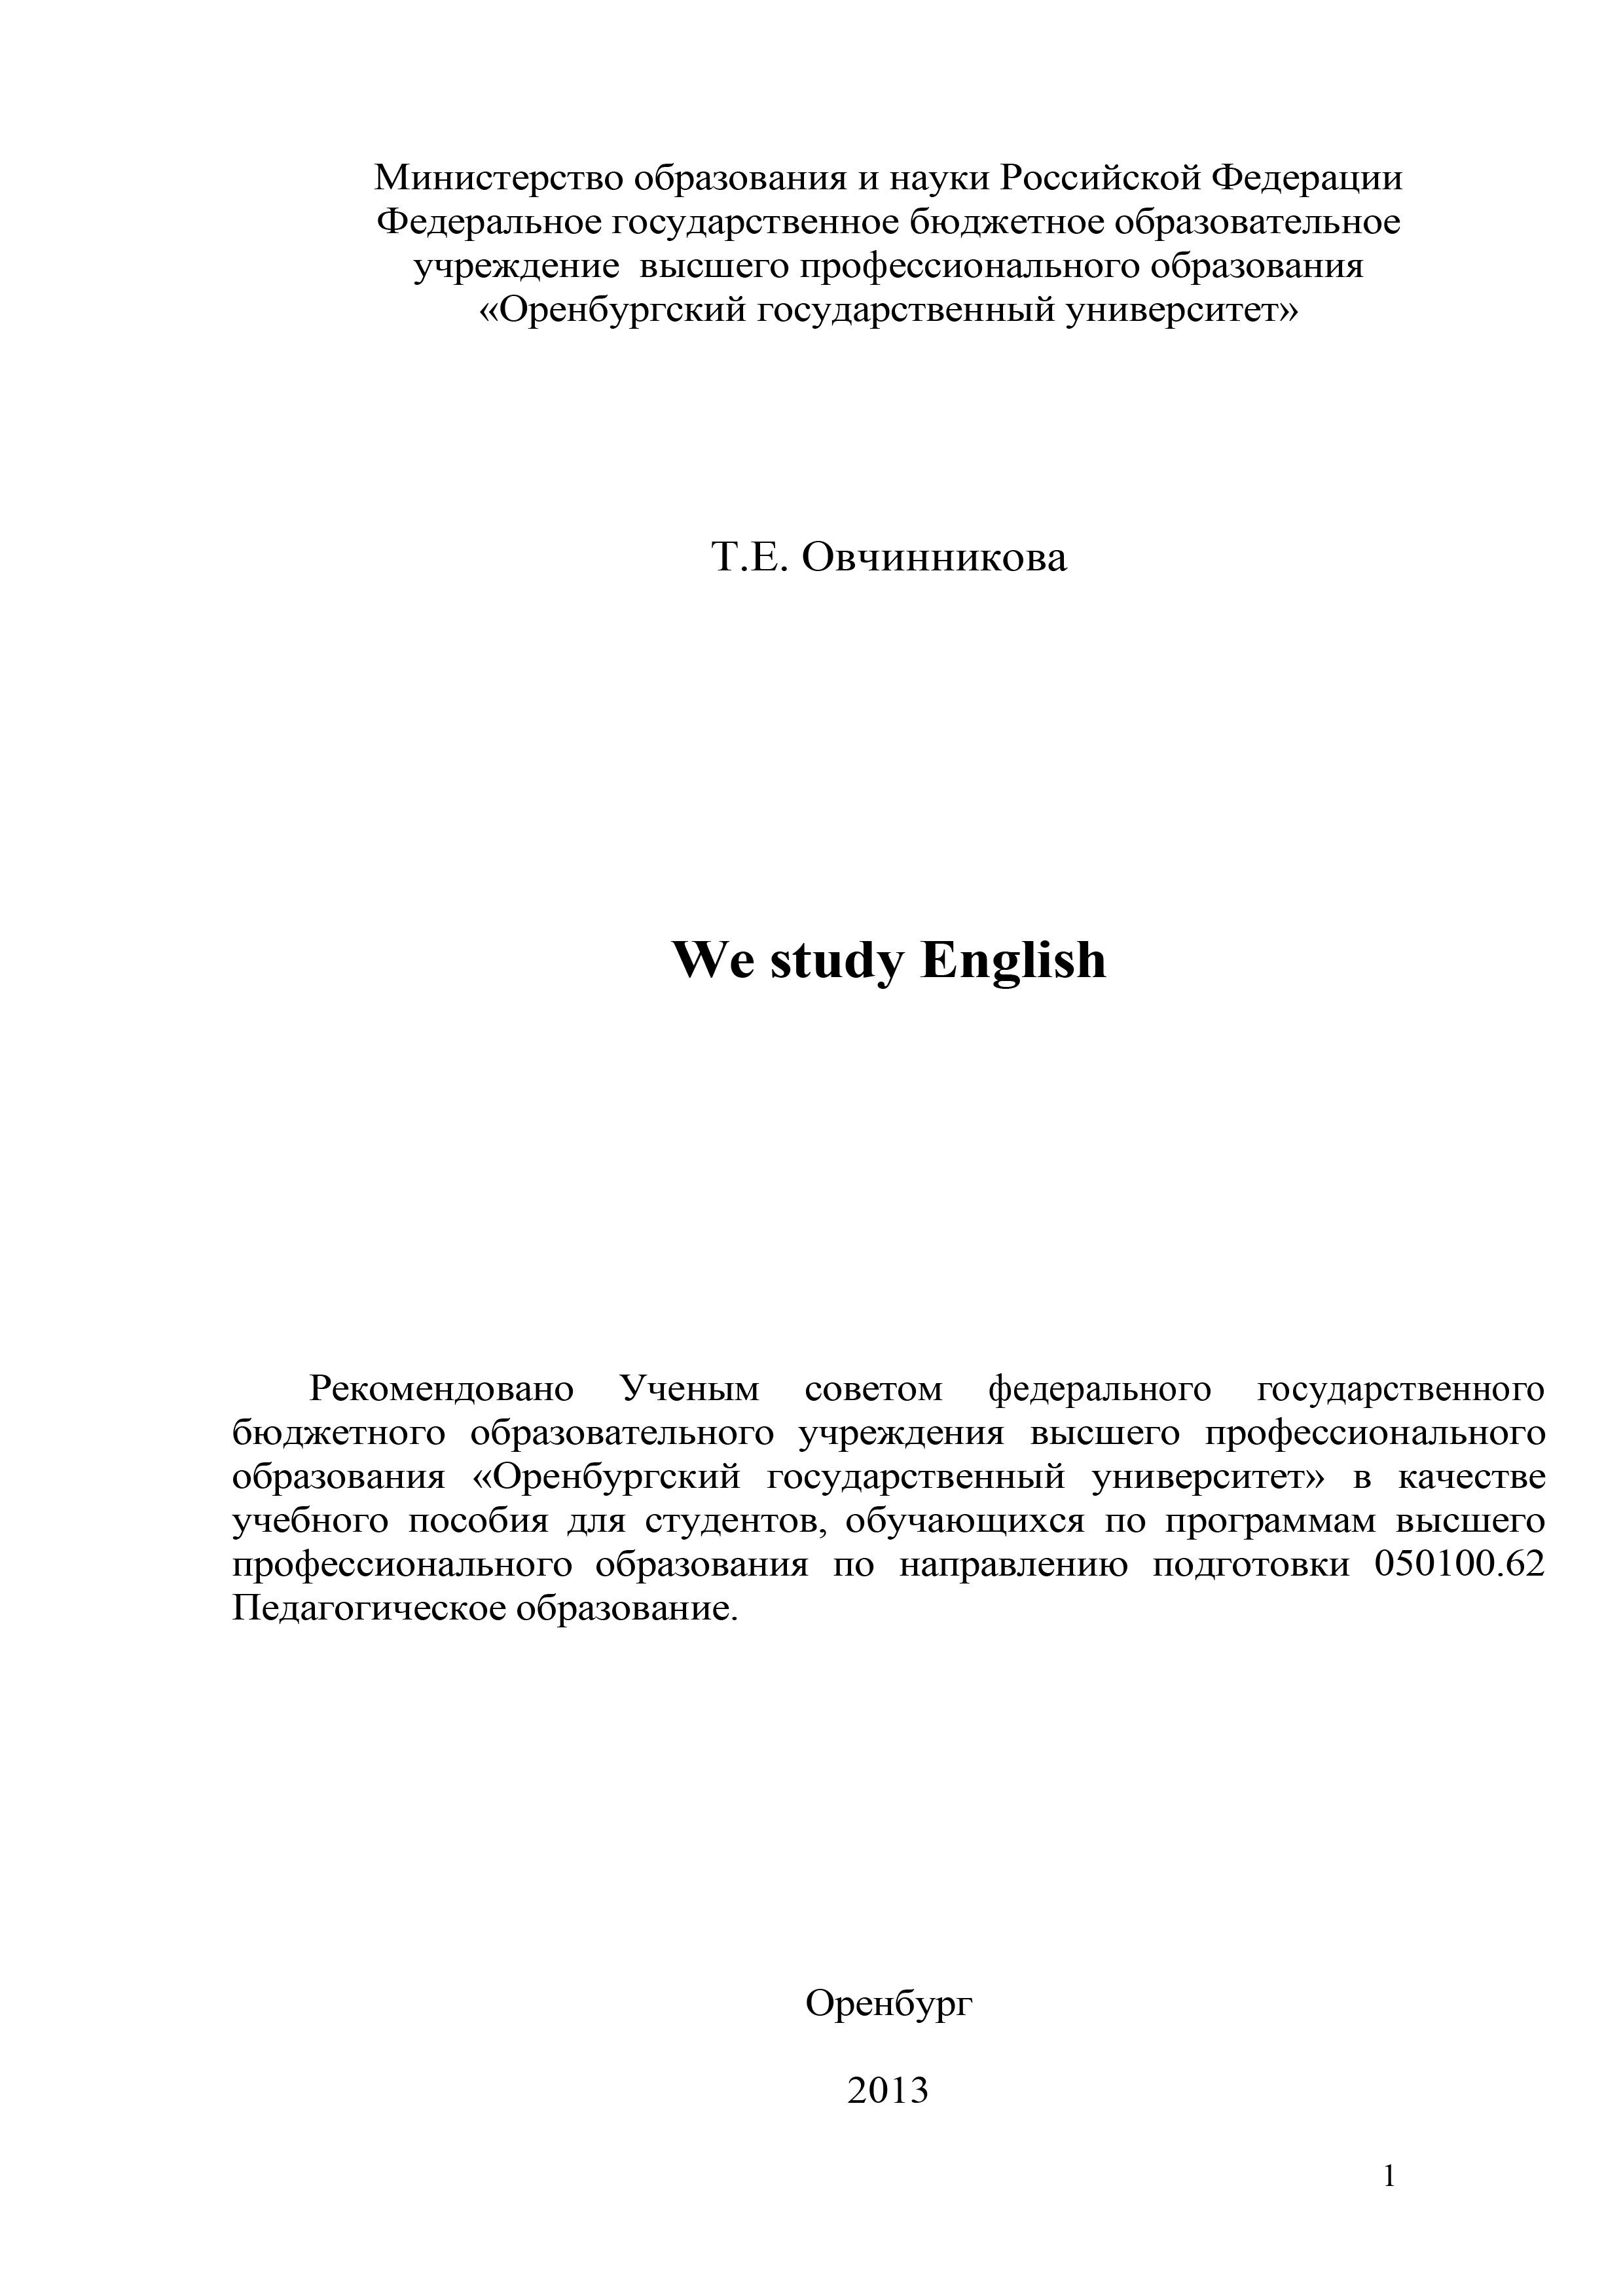 Т. Е. Овчинникова We study English холодильник beko rcnk321e21s